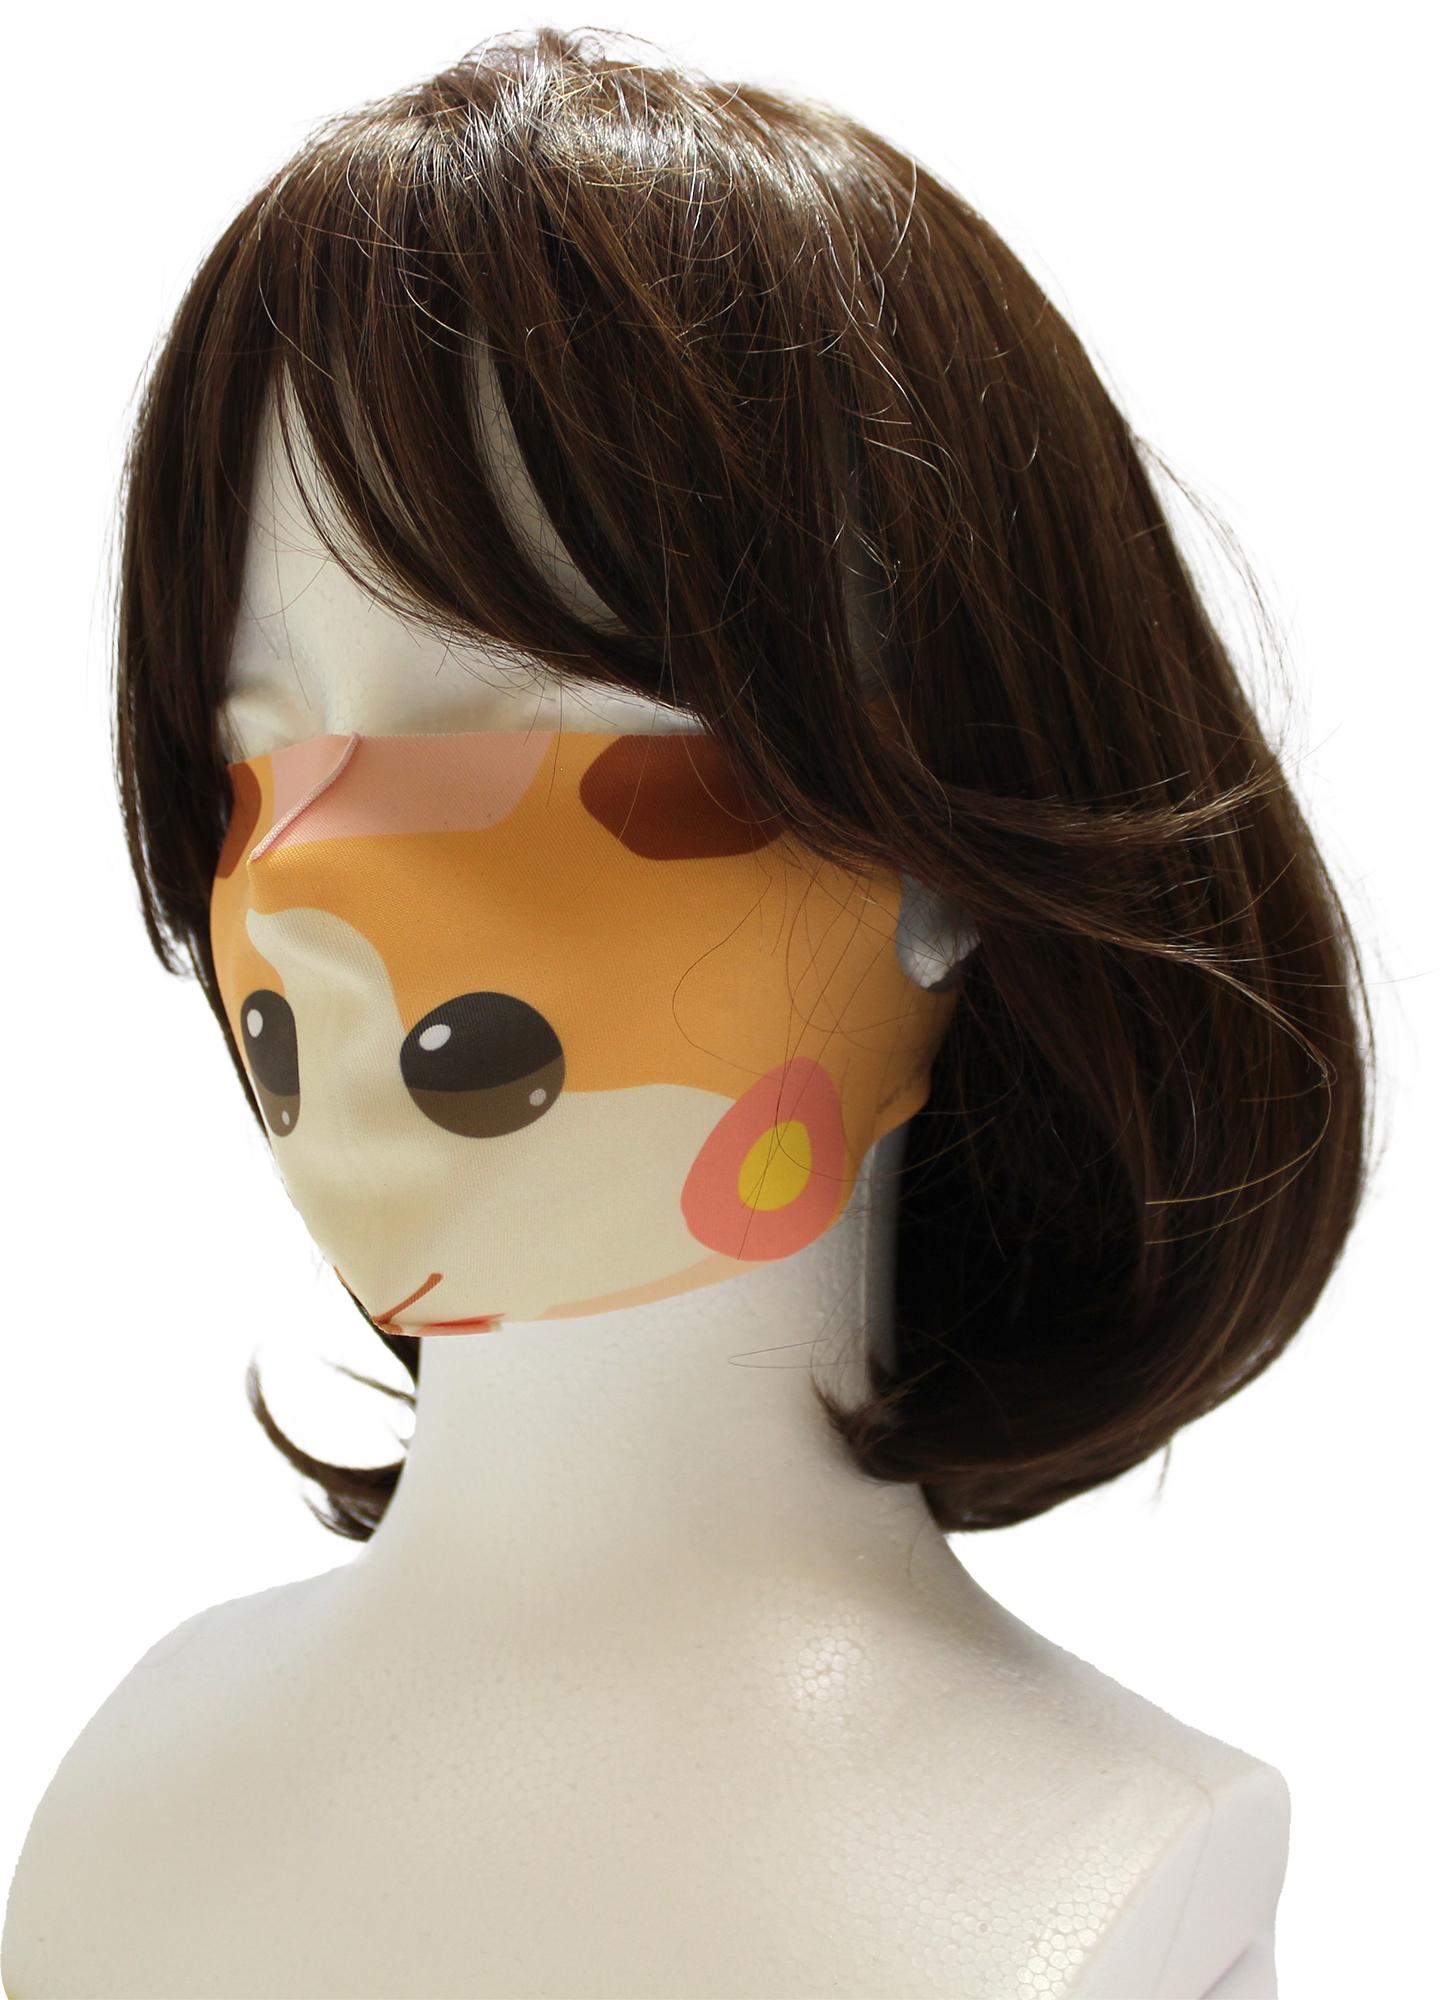 「モルカー」冷感マスク付けてる姿がインパクト大!?顔が2つの衝撃的な姿